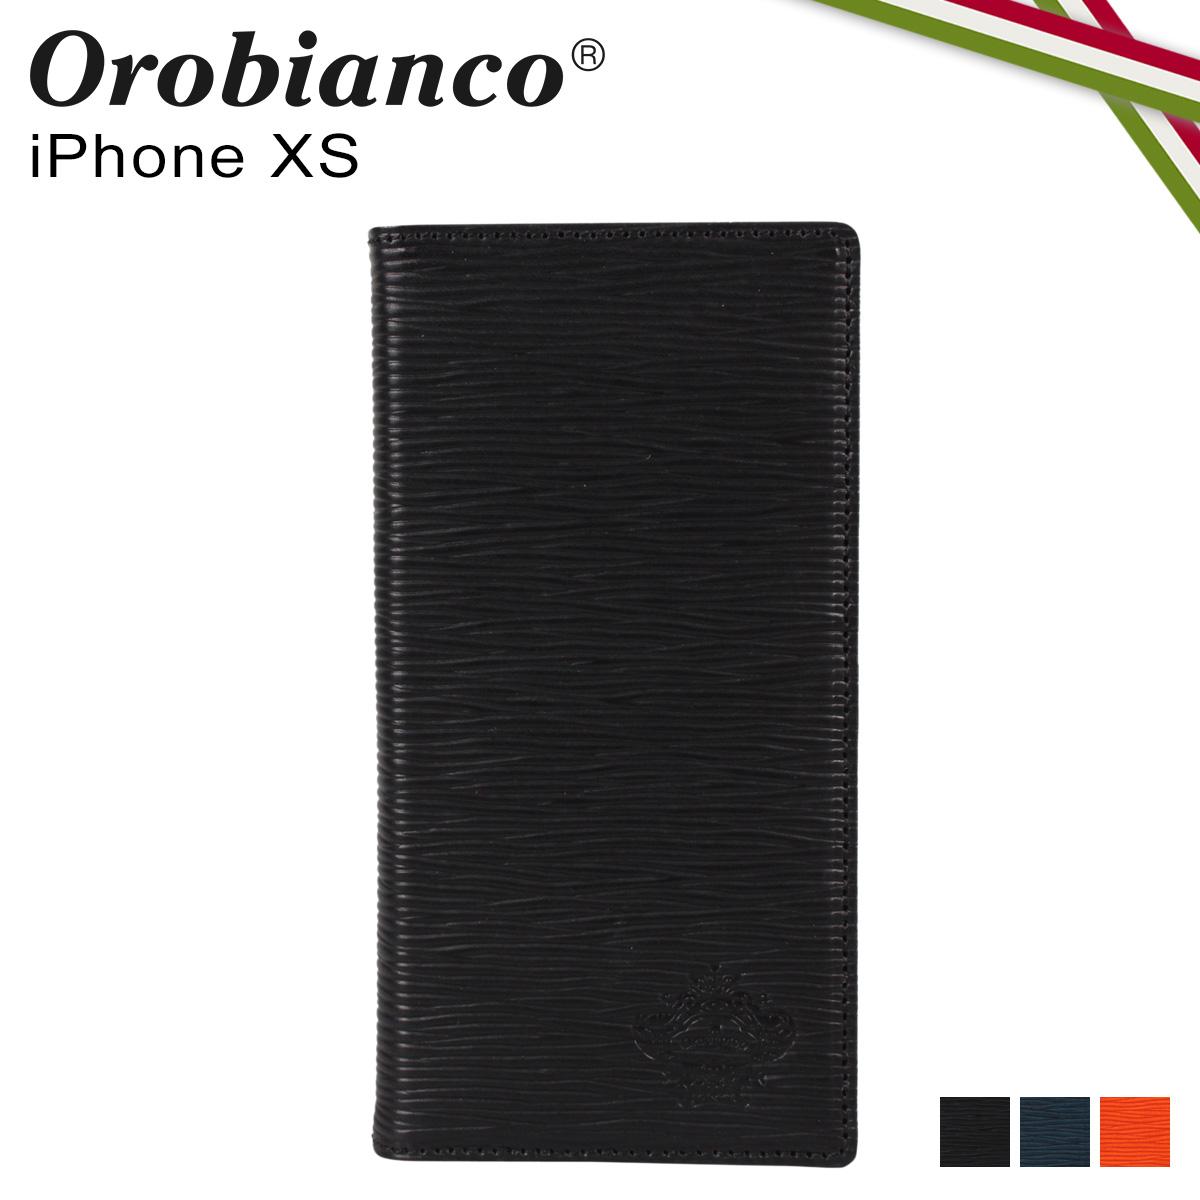 【最大2000円OFFクーポン】 オロビアンコ Orobianco iPhoneXS ケース スマホ 携帯 手帳型 アイフォン メンズ レディース ONDA BOOK TYPE SMARTPHONE CASE ブラック ネイビー オレンジ 黒 ORIP-0006XS